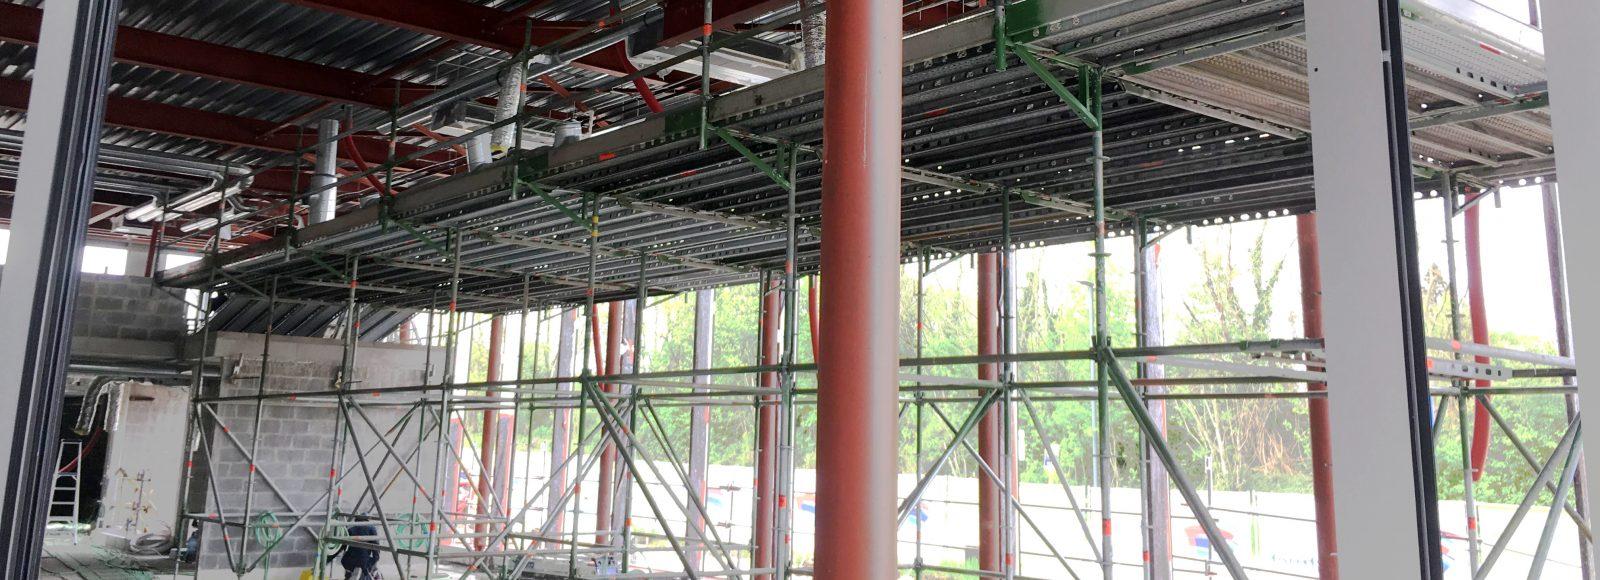 Inter3.be effecture les missions de coordination sécurité santé pour des chantiers de toutes les tailles.